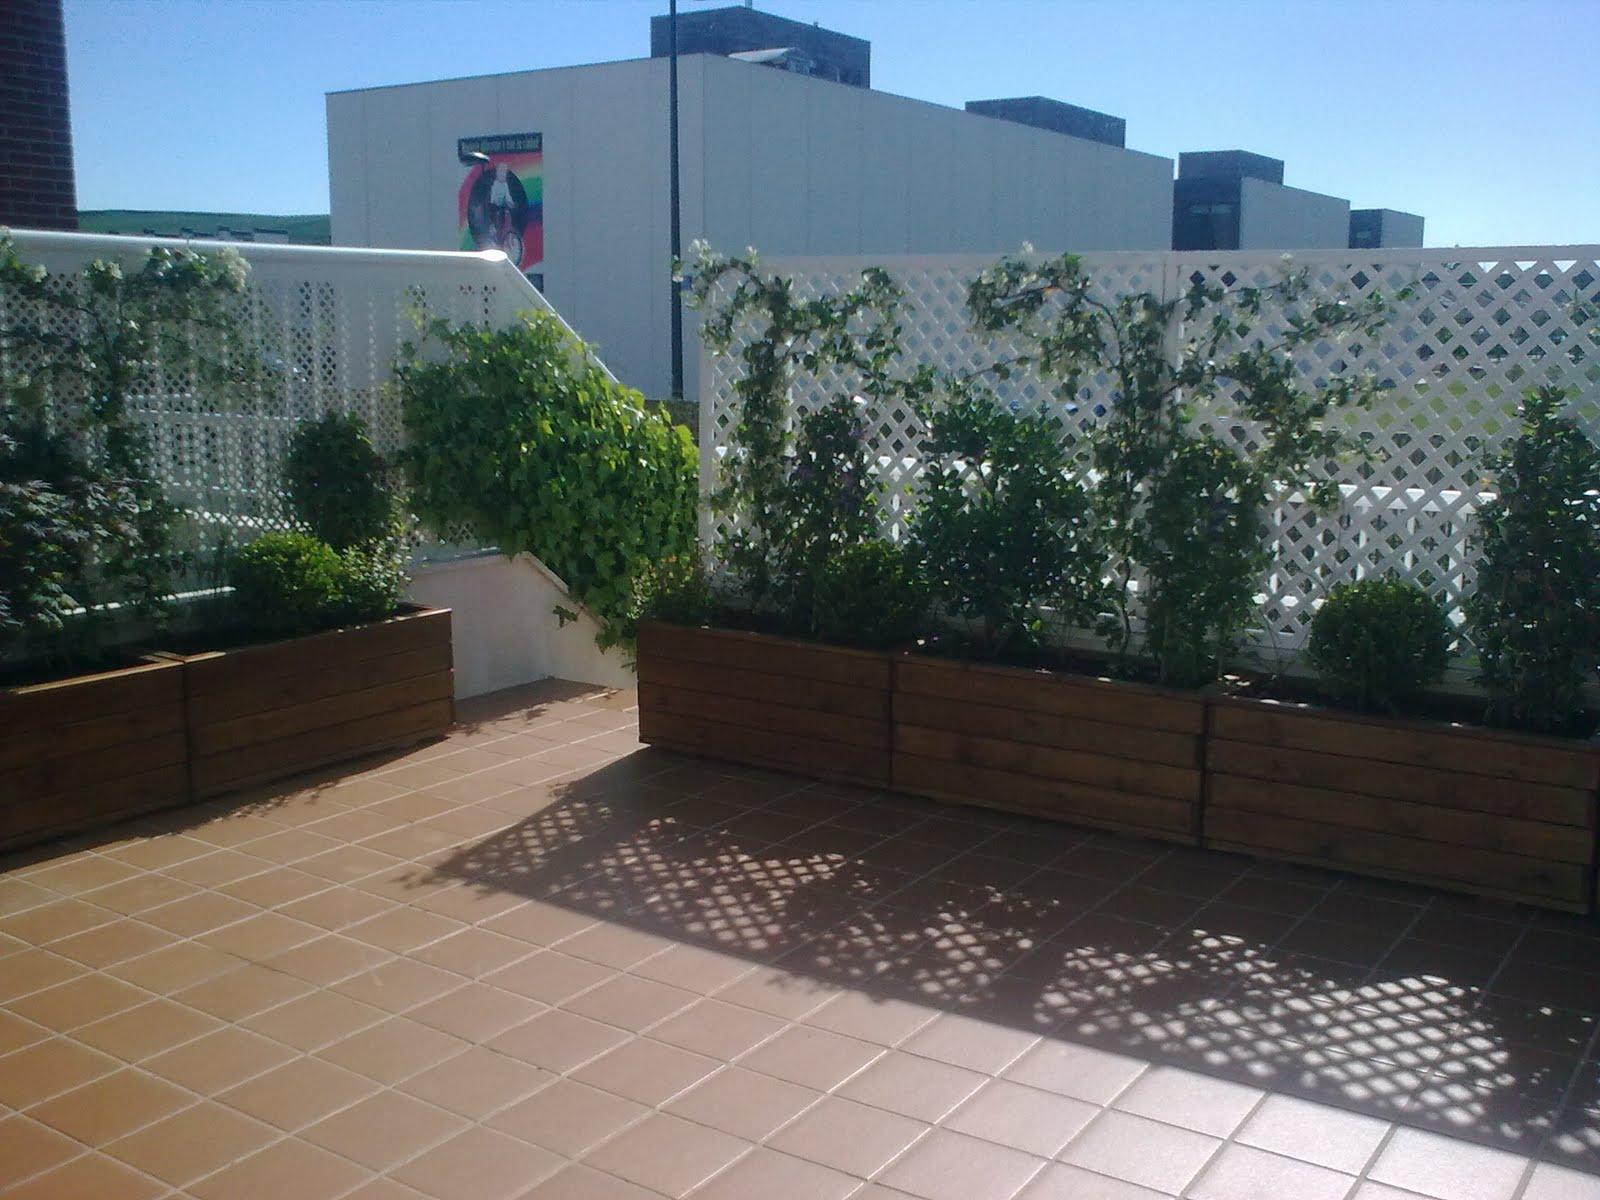 Jardineras en aticos for Jardineras de hormigon baratas